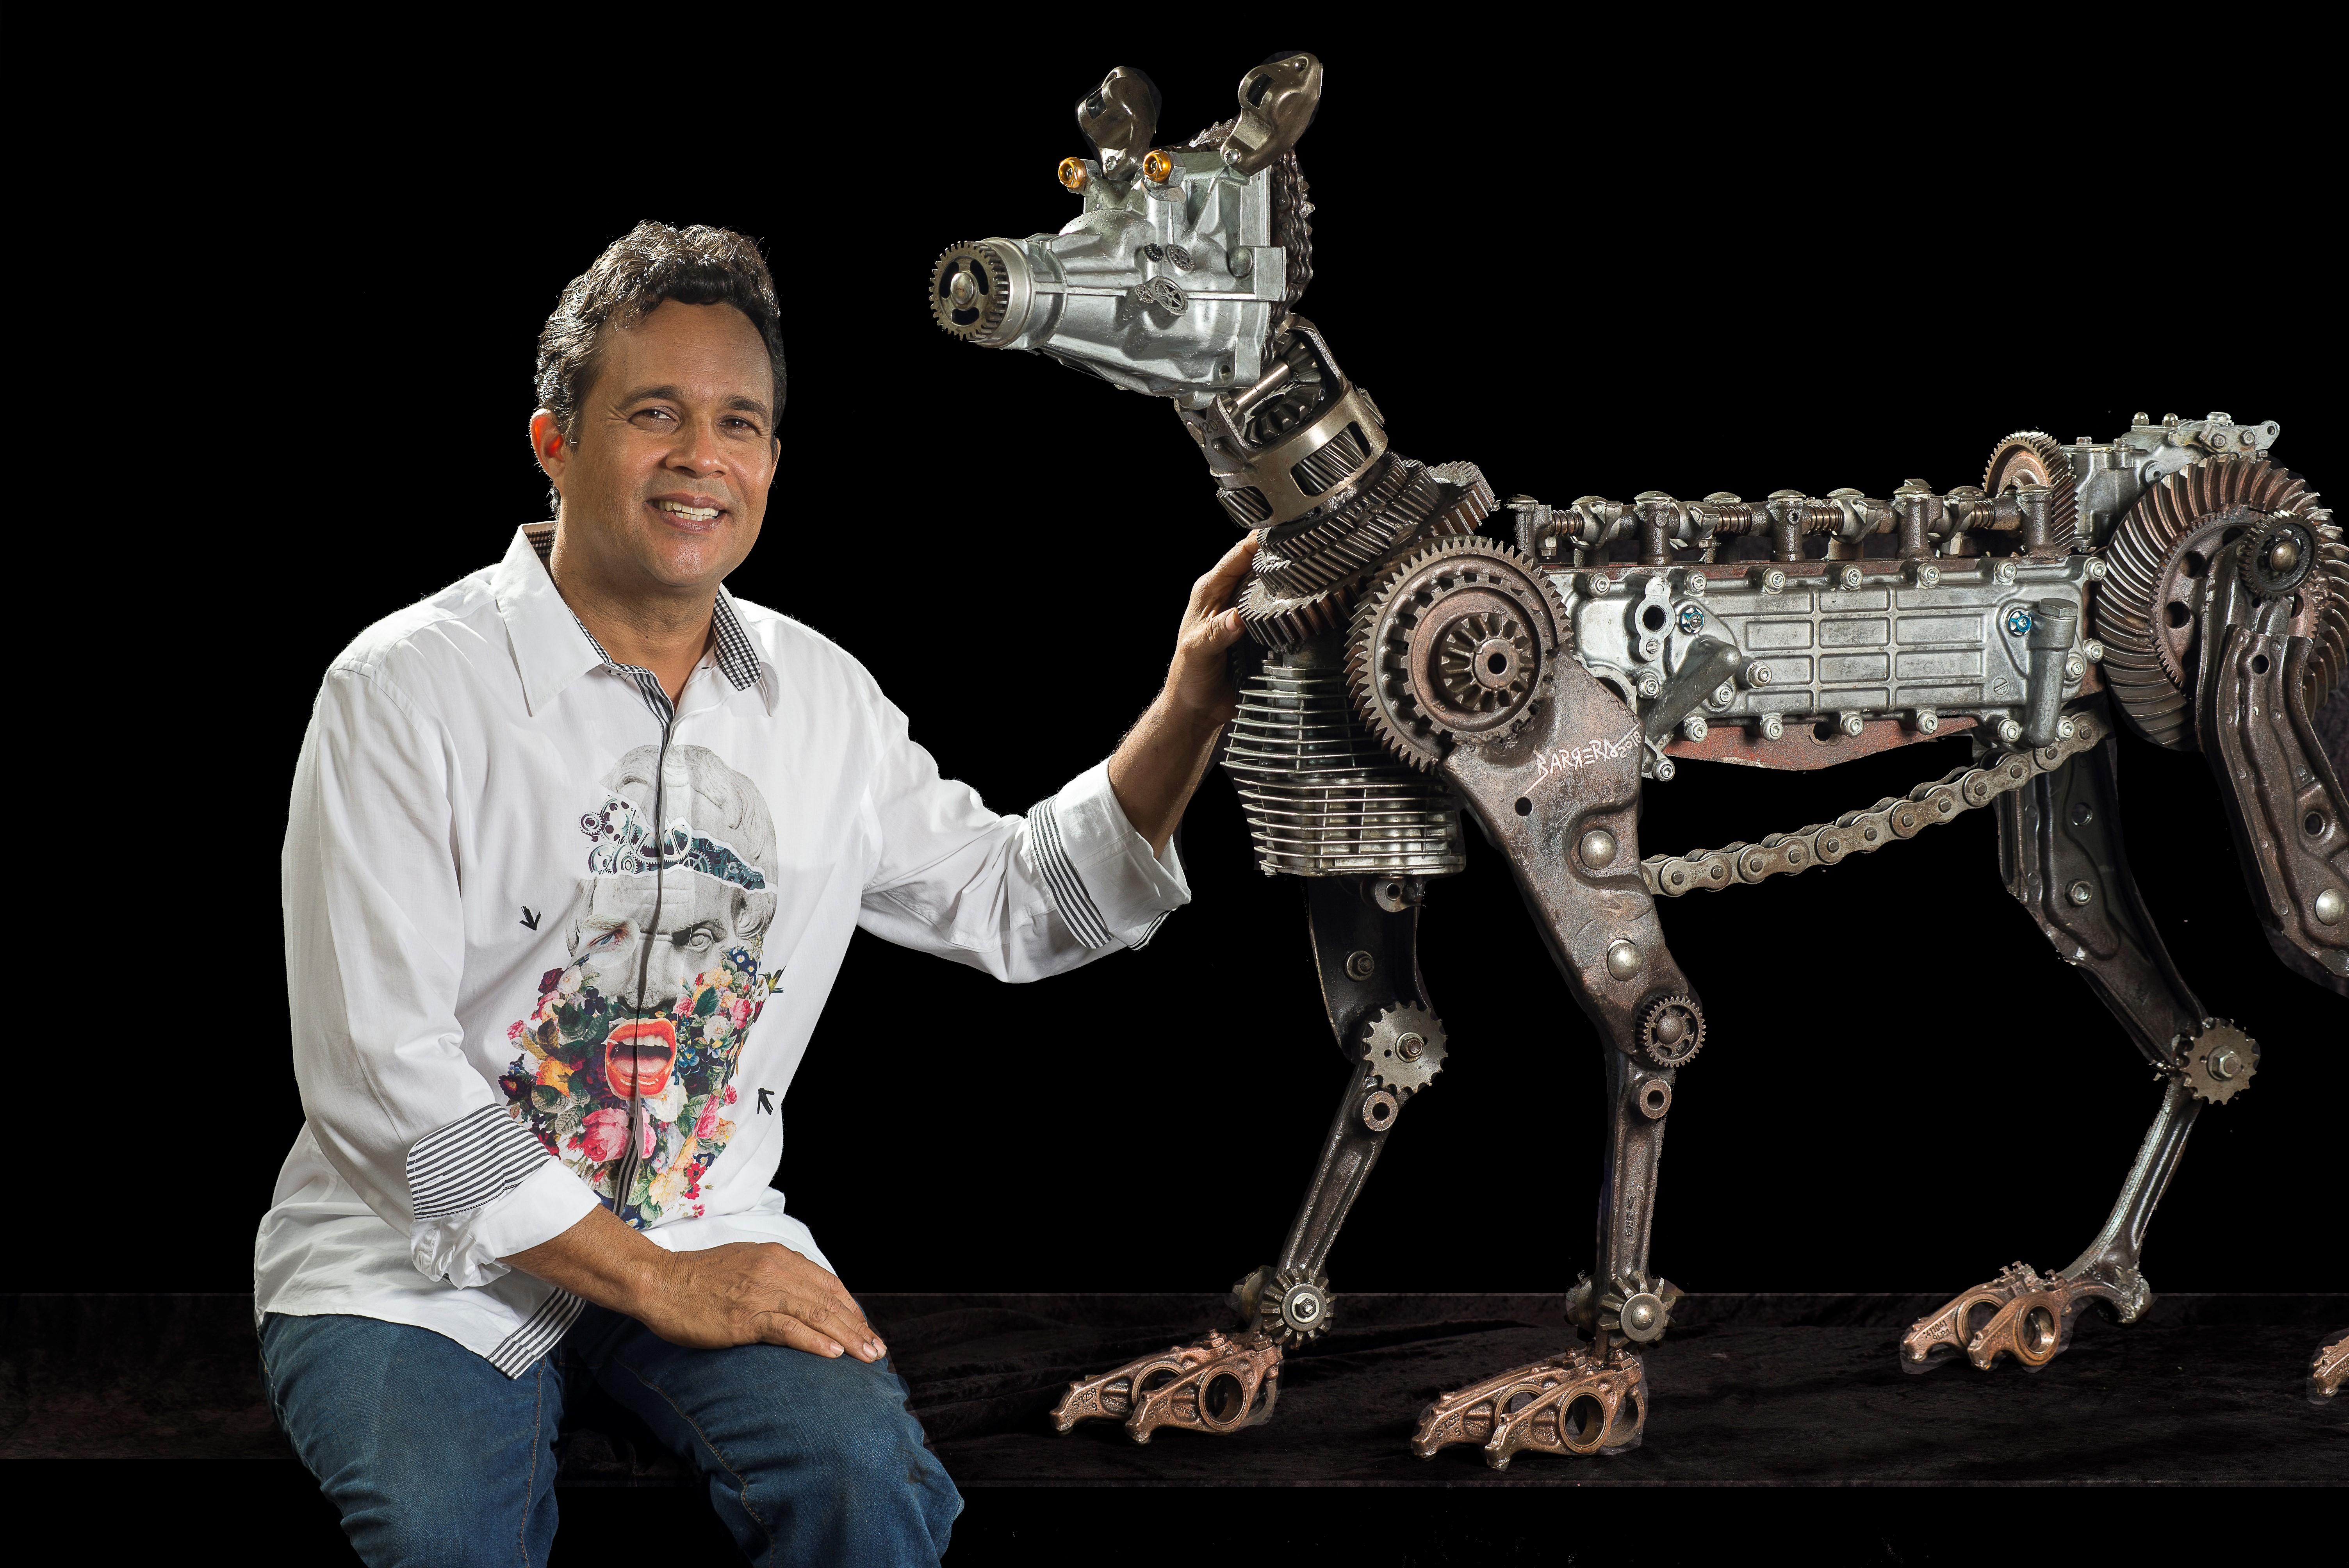 Presentan exposición de obras con metales reciclados